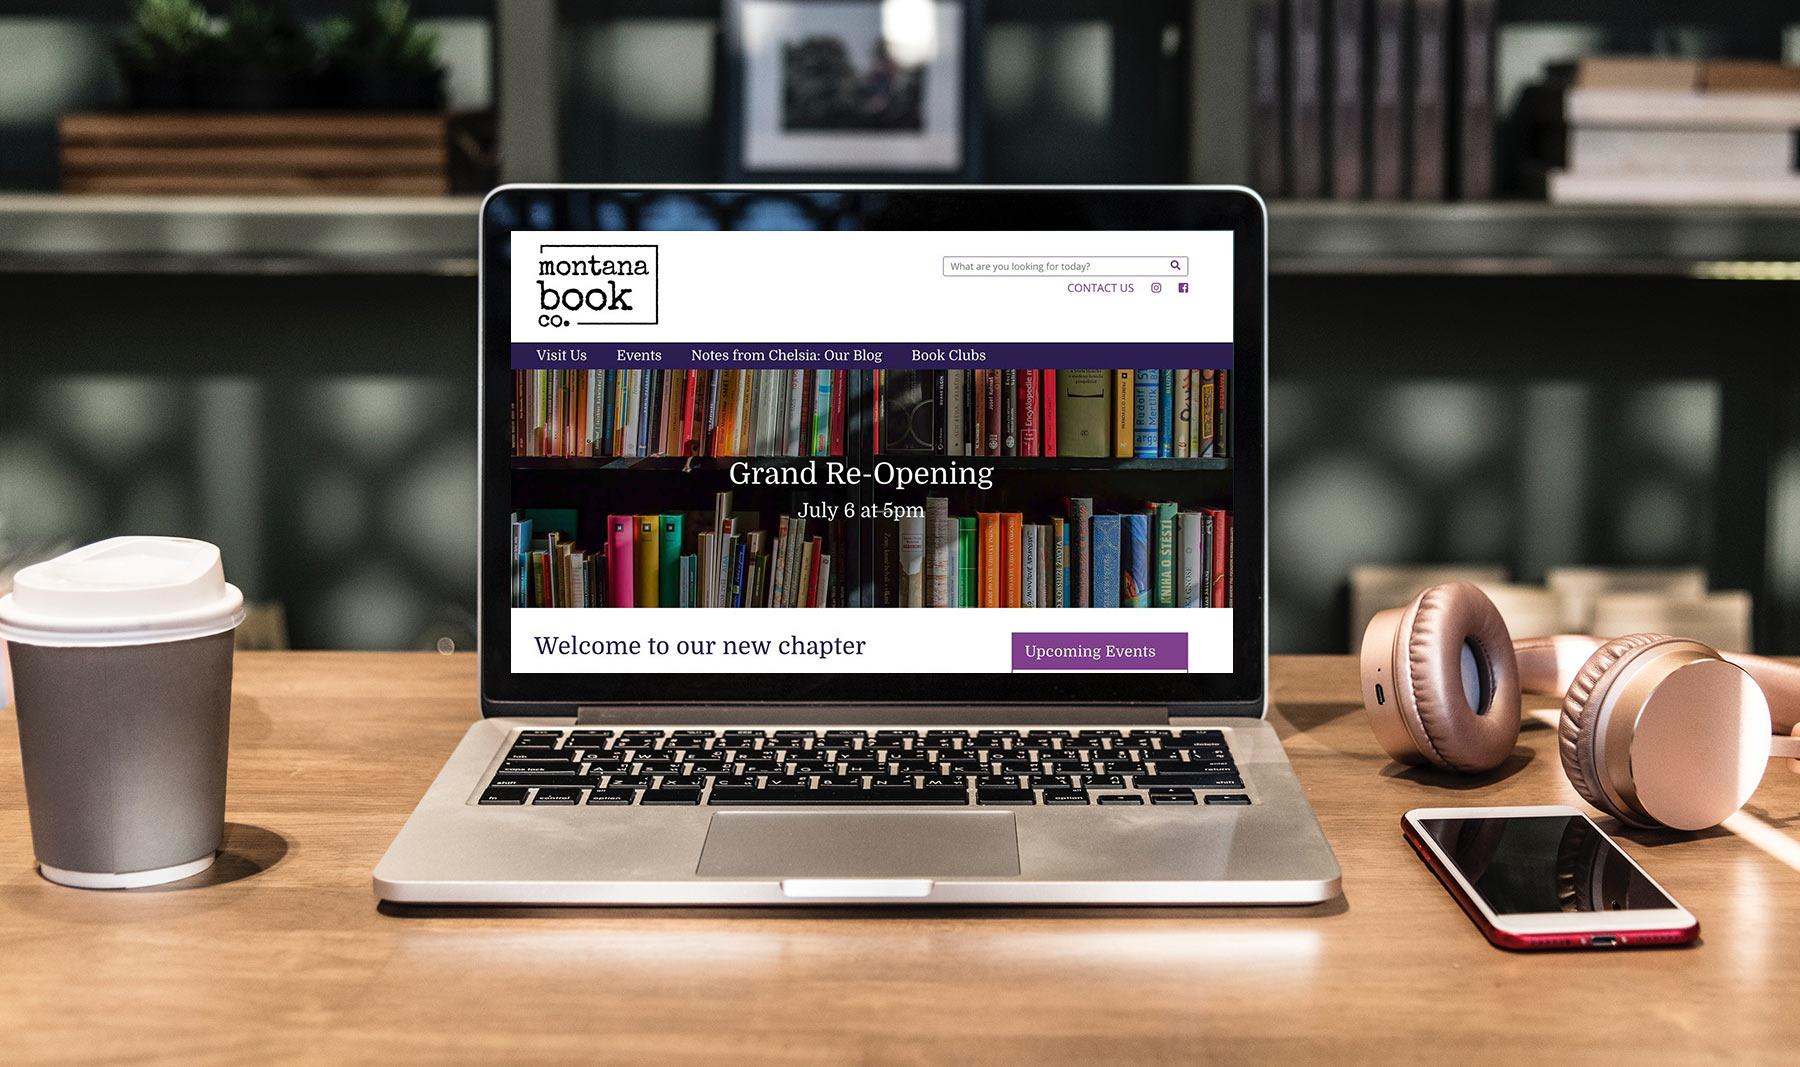 montana book company website design